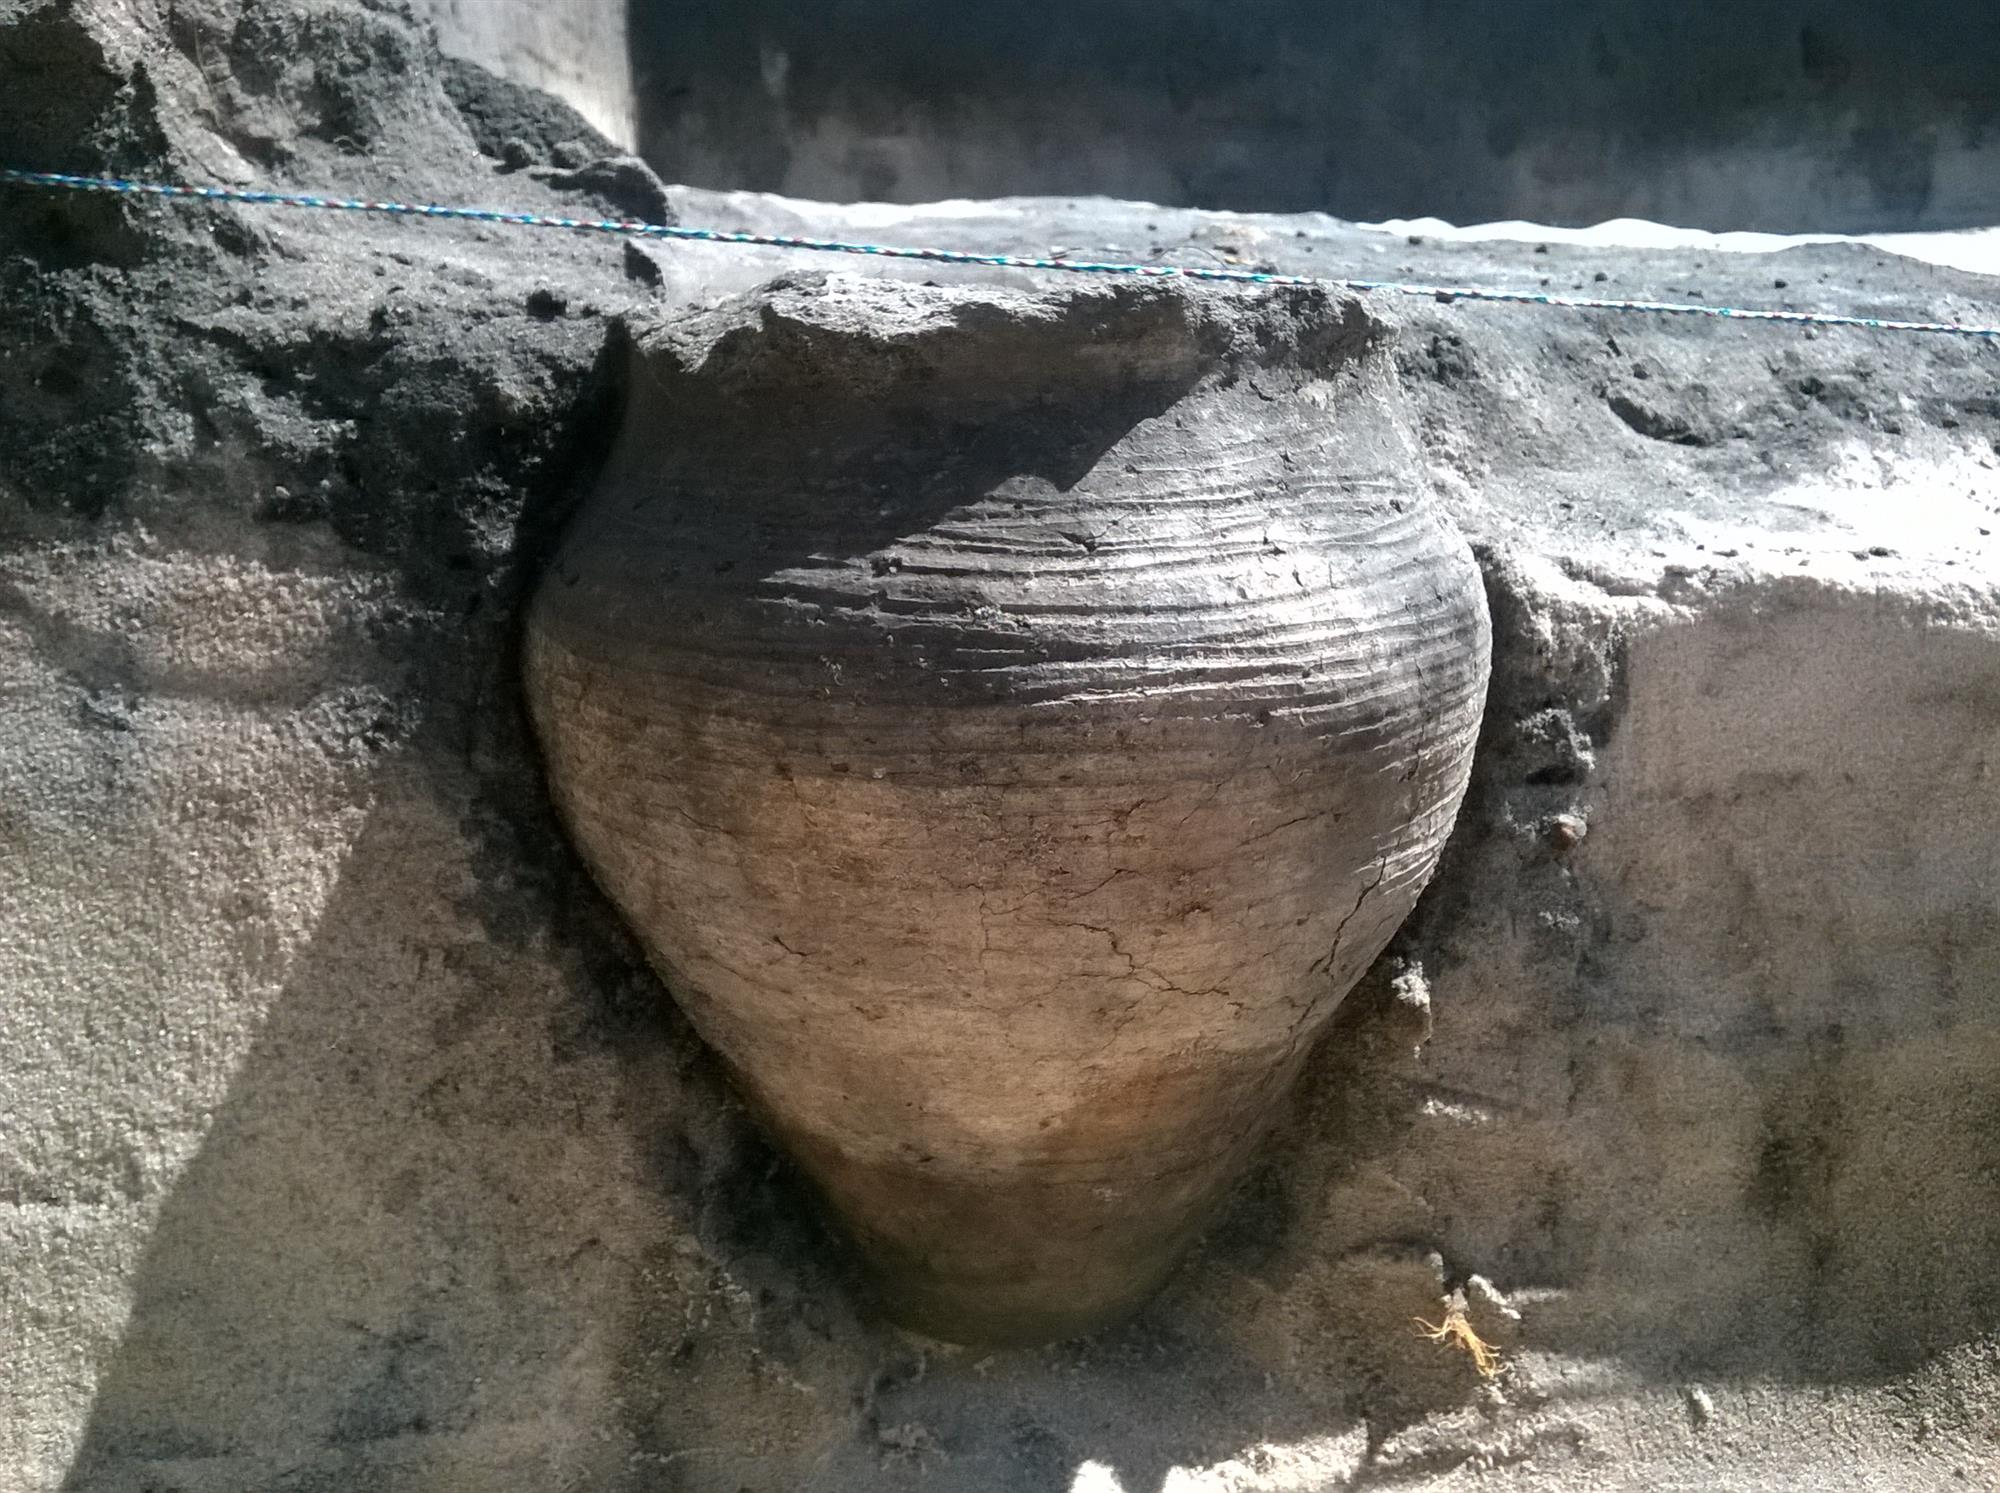 Una vasija medieval intacta contenía un brebaje que fue ofrecido a los dioses